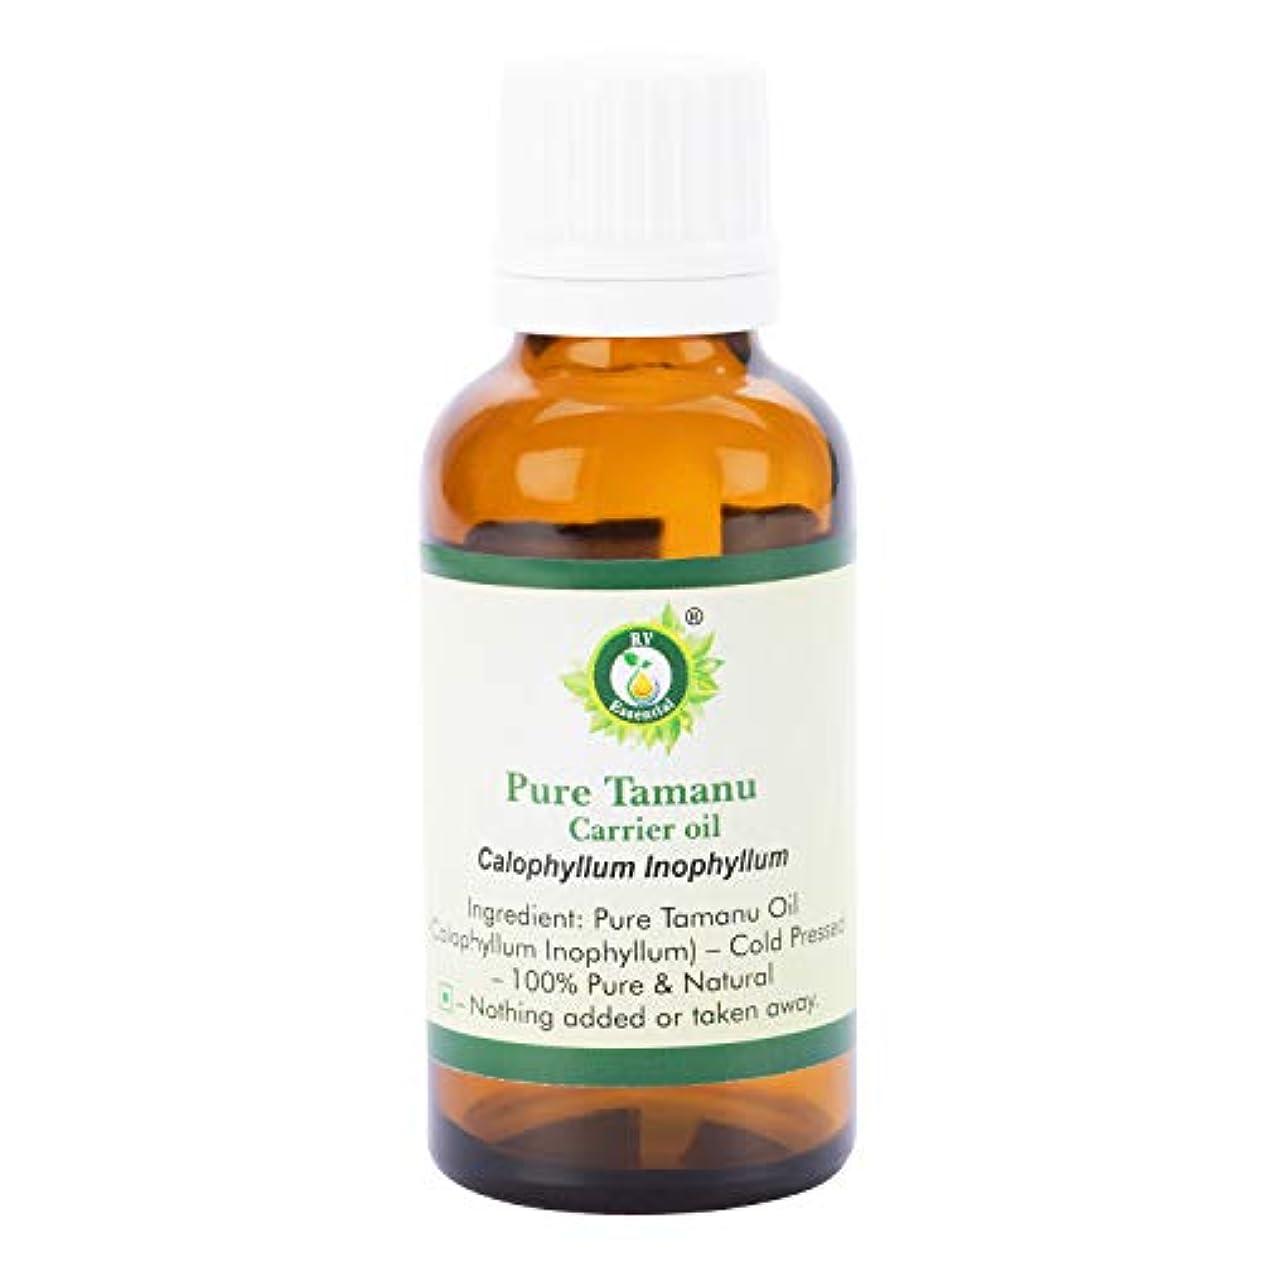 エクスタシーせがむマイクピュアTamanuキャリアオイル300ml (10oz)- Calophyllum Inophyllum (100%ピュア&ナチュラルコールドPressed) Pure Tamanu Carrier Oil